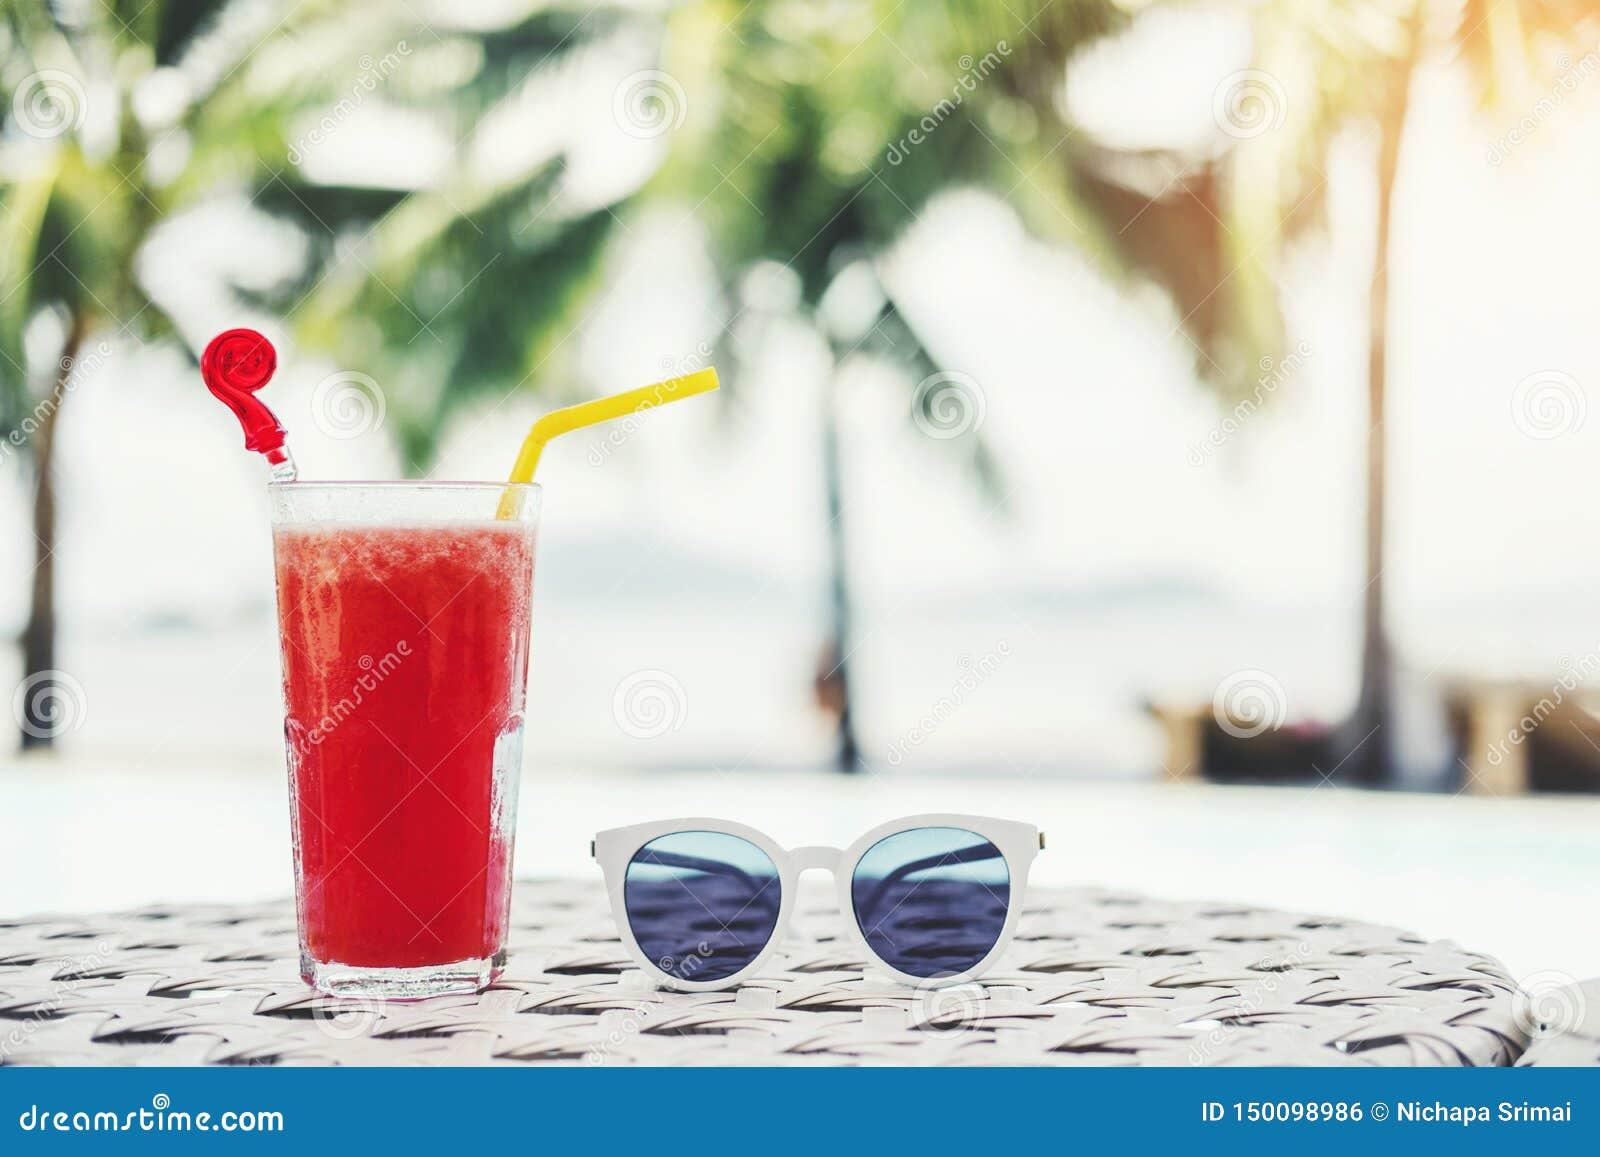 Suco na estância de verão tropical da piscina luxuosa, conceito do verão